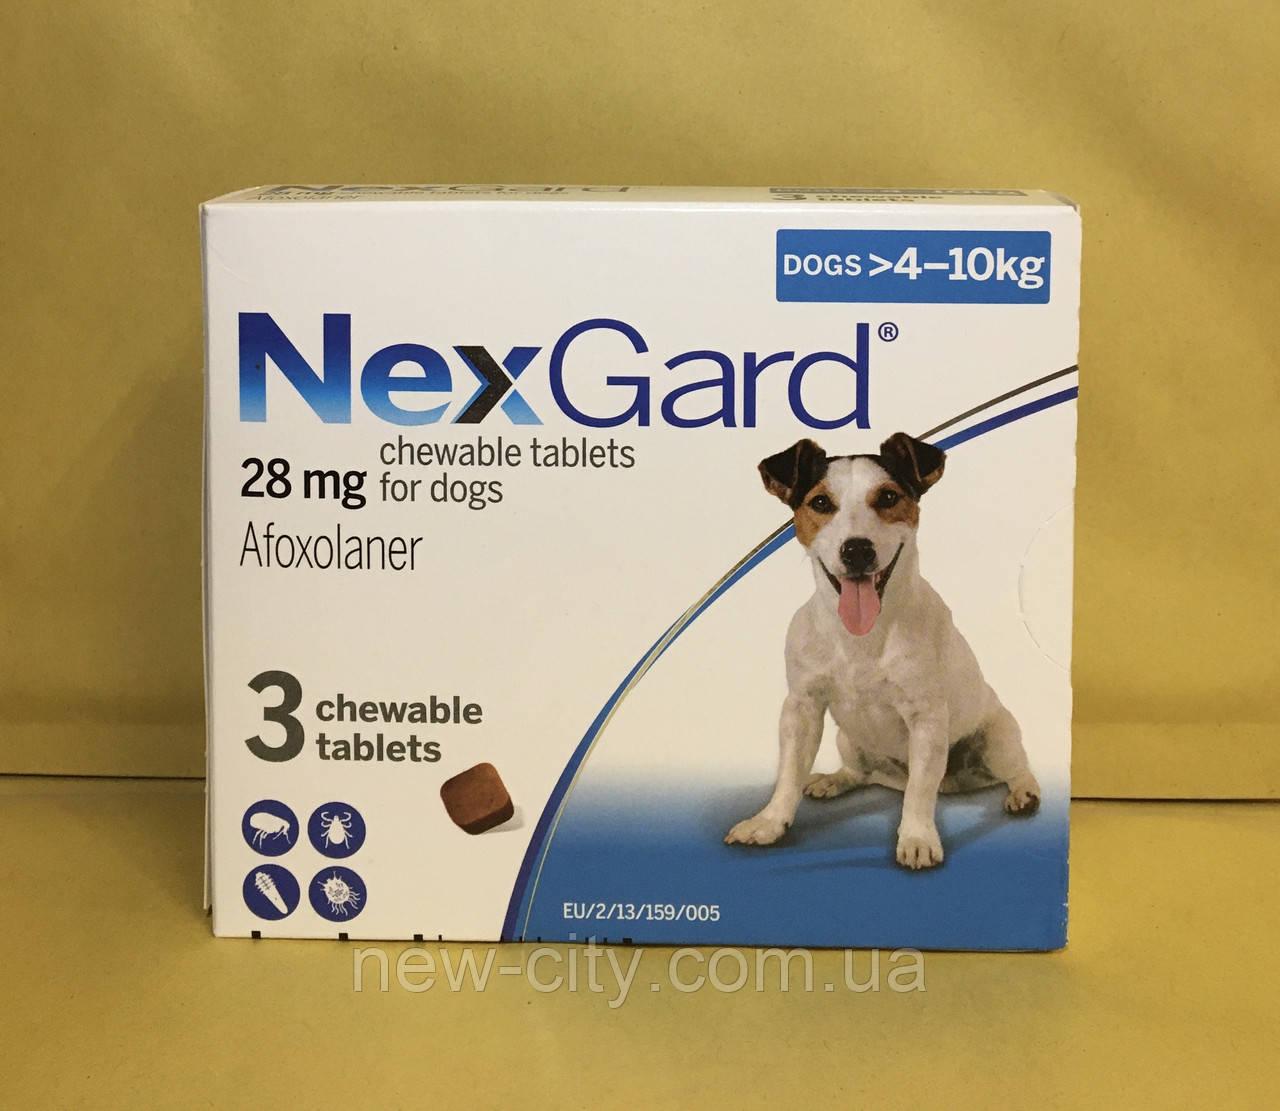 НексгарД*  NexGard  Жевательные таблетки для собак от блох и клещей 4-10кг 3 таб